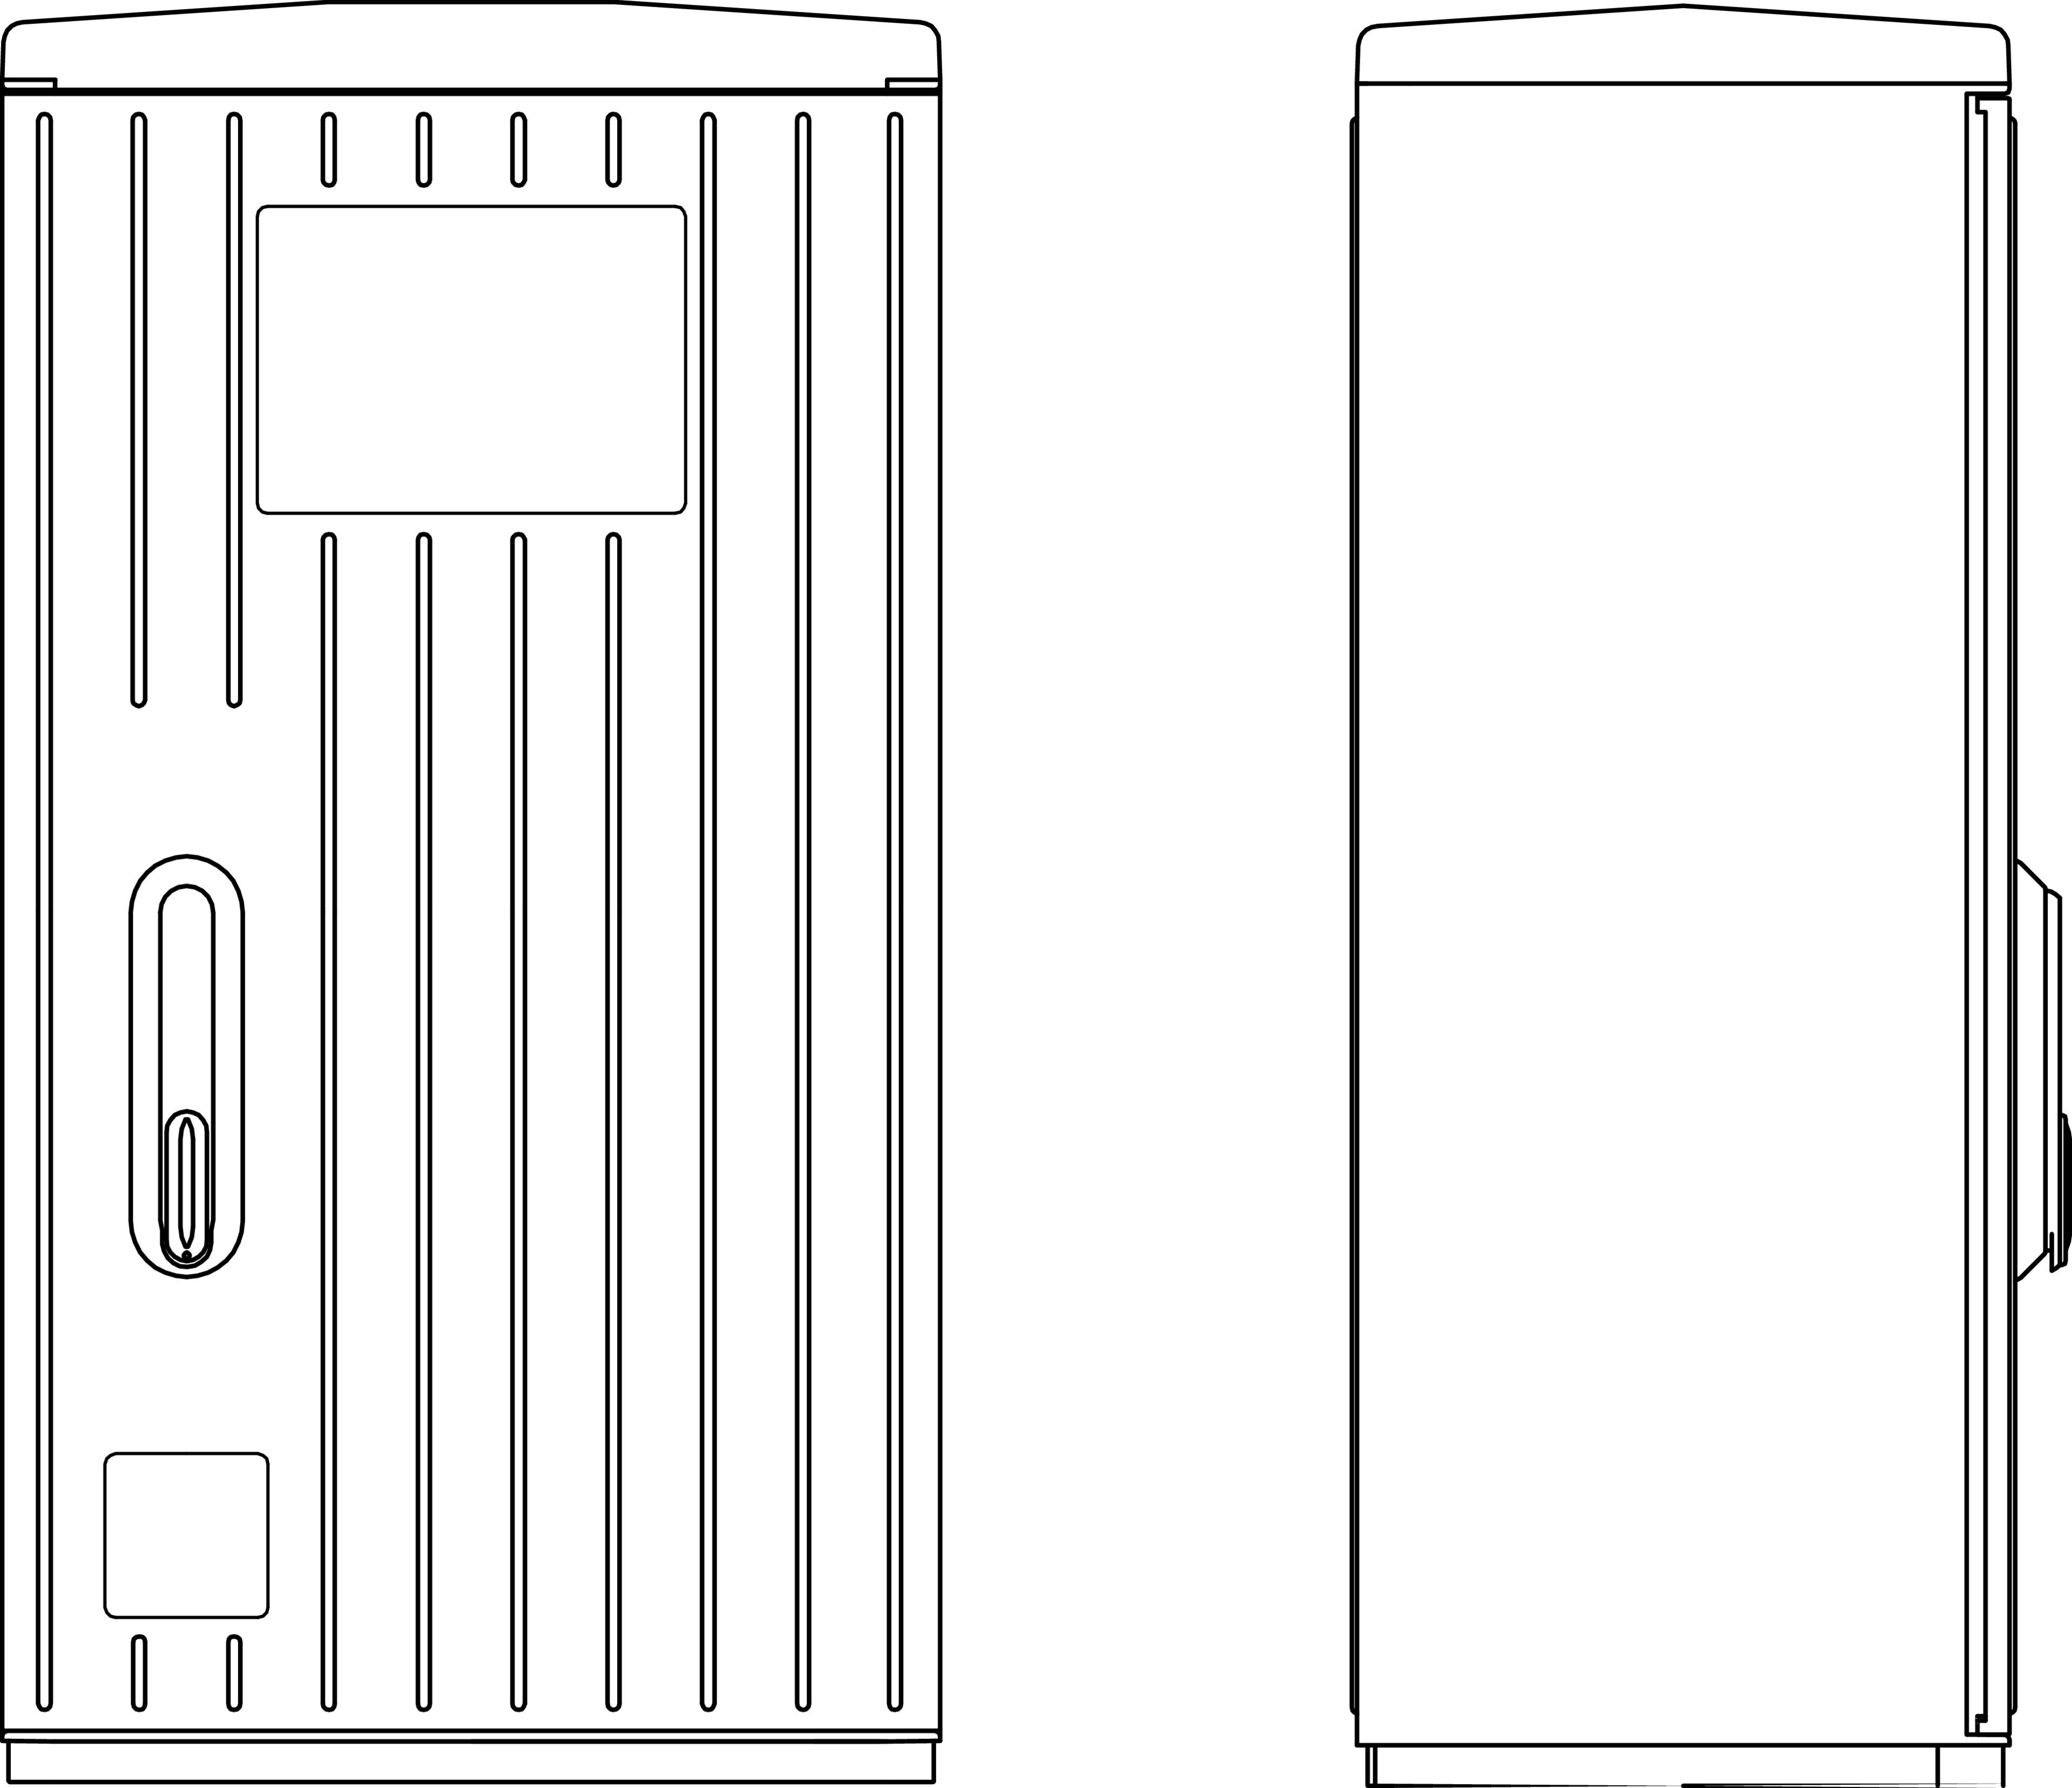 1 Stk Kabelverteilerschrank 1-türig gerippt, Gr.00X, RAL7035, IP44 IG008201--